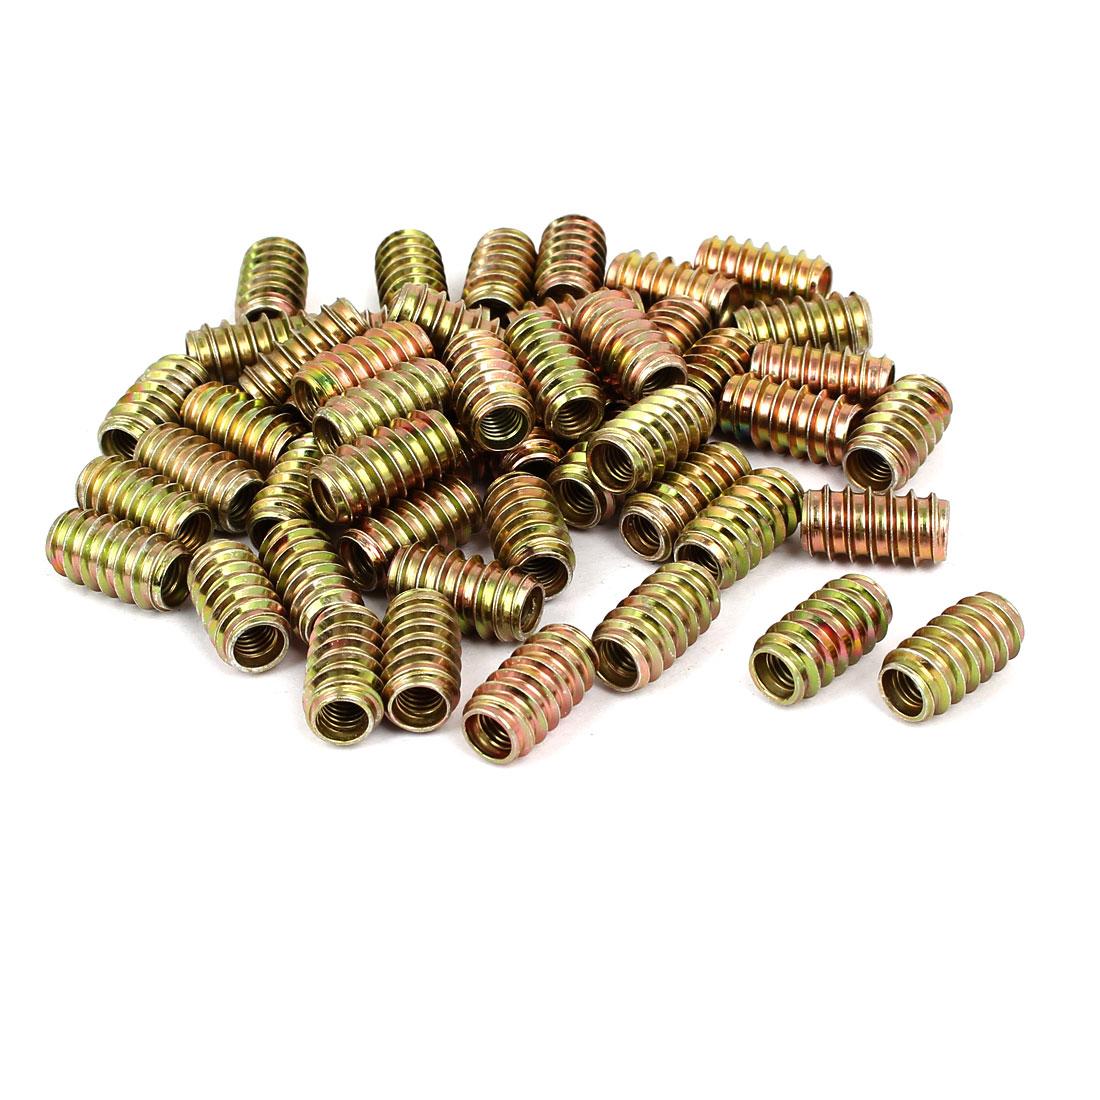 6mm x 20mm Wood Furniture Insert Carbon Steel E-Nut Threaded Nut 50PCS